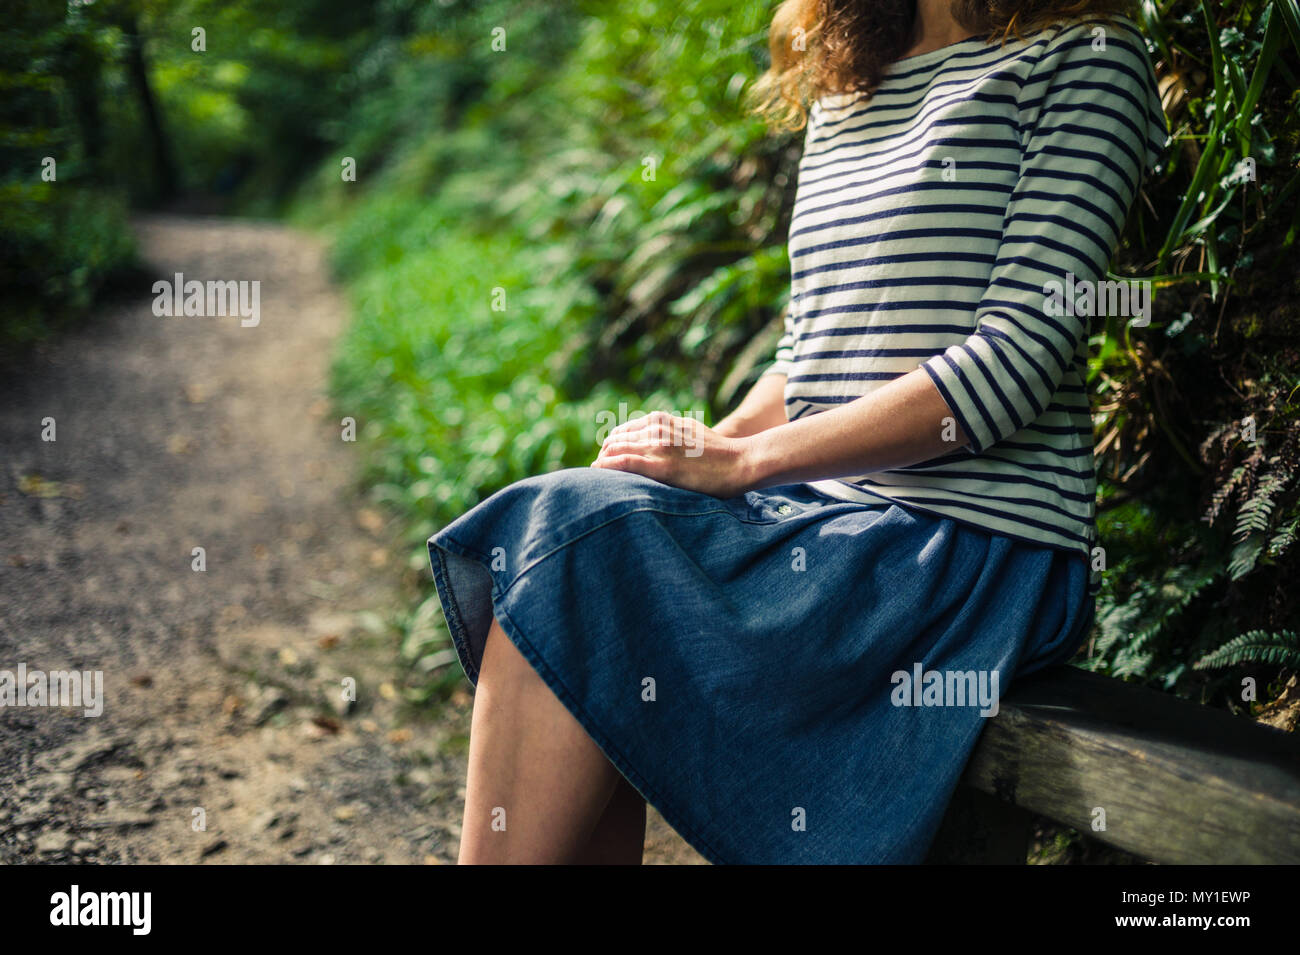 Une jeune femme est assise et se reposer sur un banc dans la forêt Banque D'Images